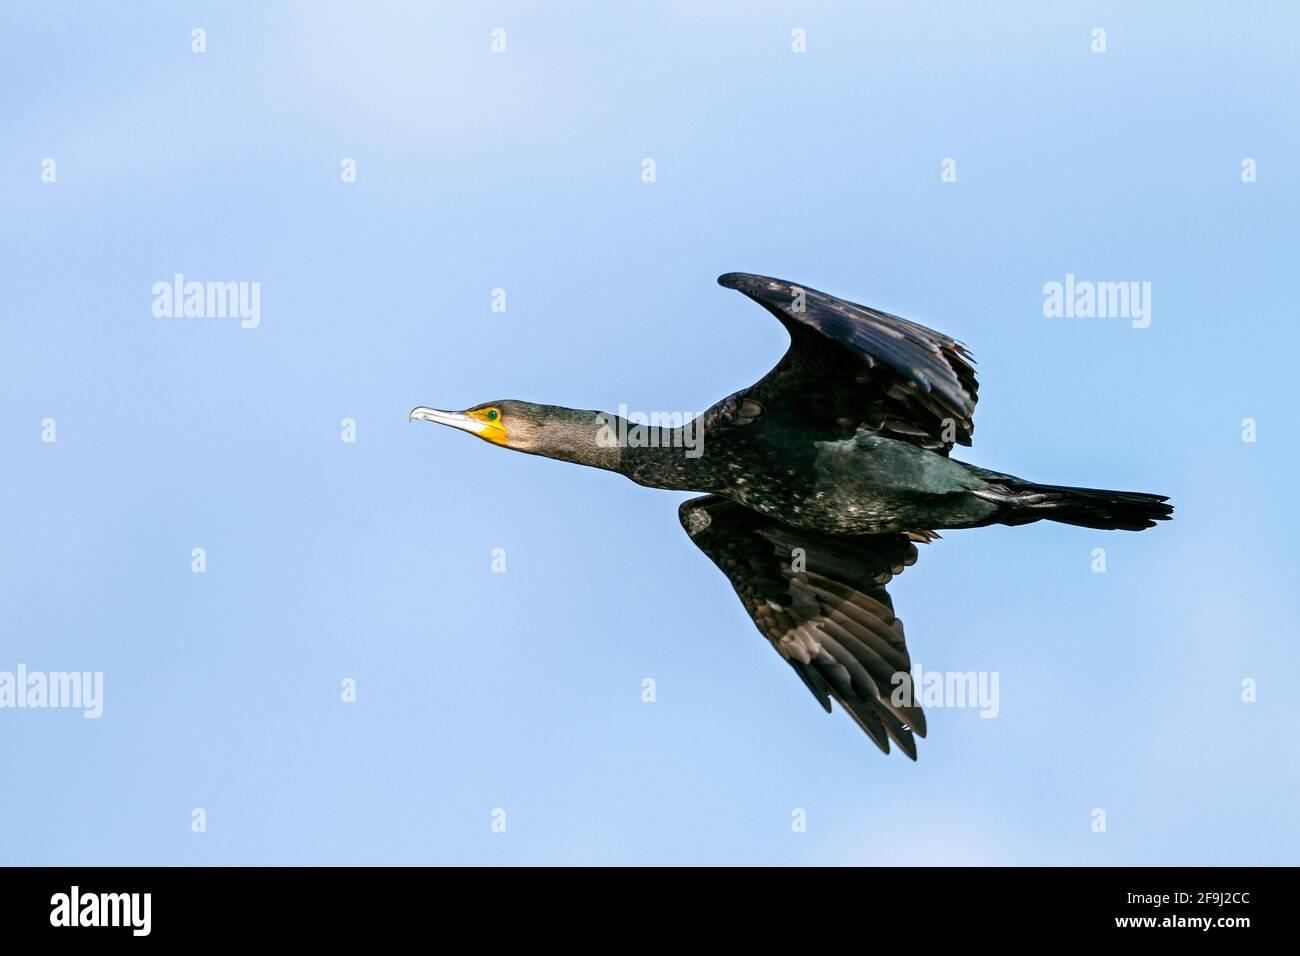 Grand Cormorant (Phalacrocorax carbo) dans le plumage non reproductif en vol. Allemagne Banque D'Images